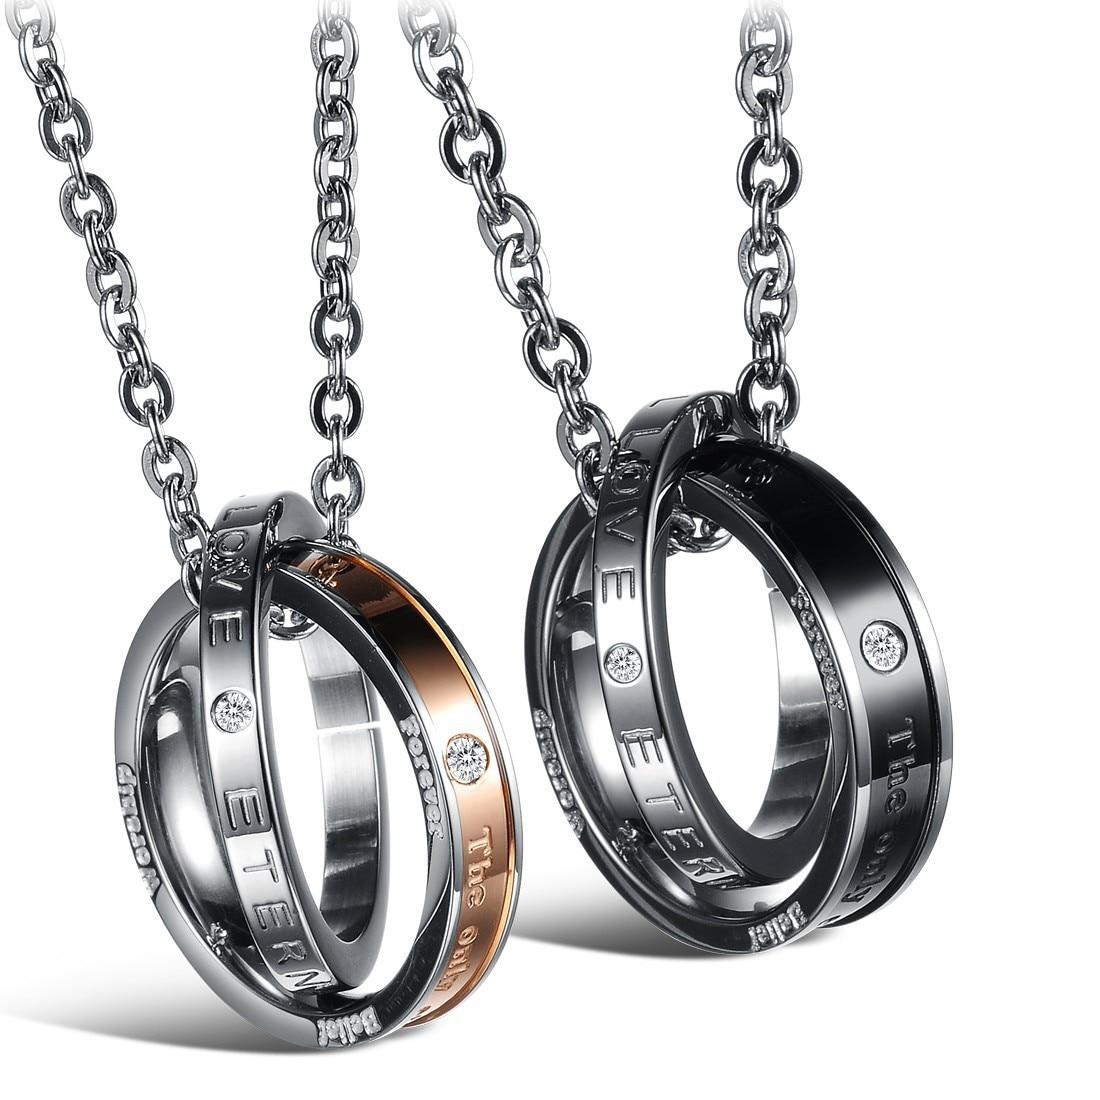 Nouveau Charm Cabochon Verre Collier argent pendentifs ( je ne suis pas fou